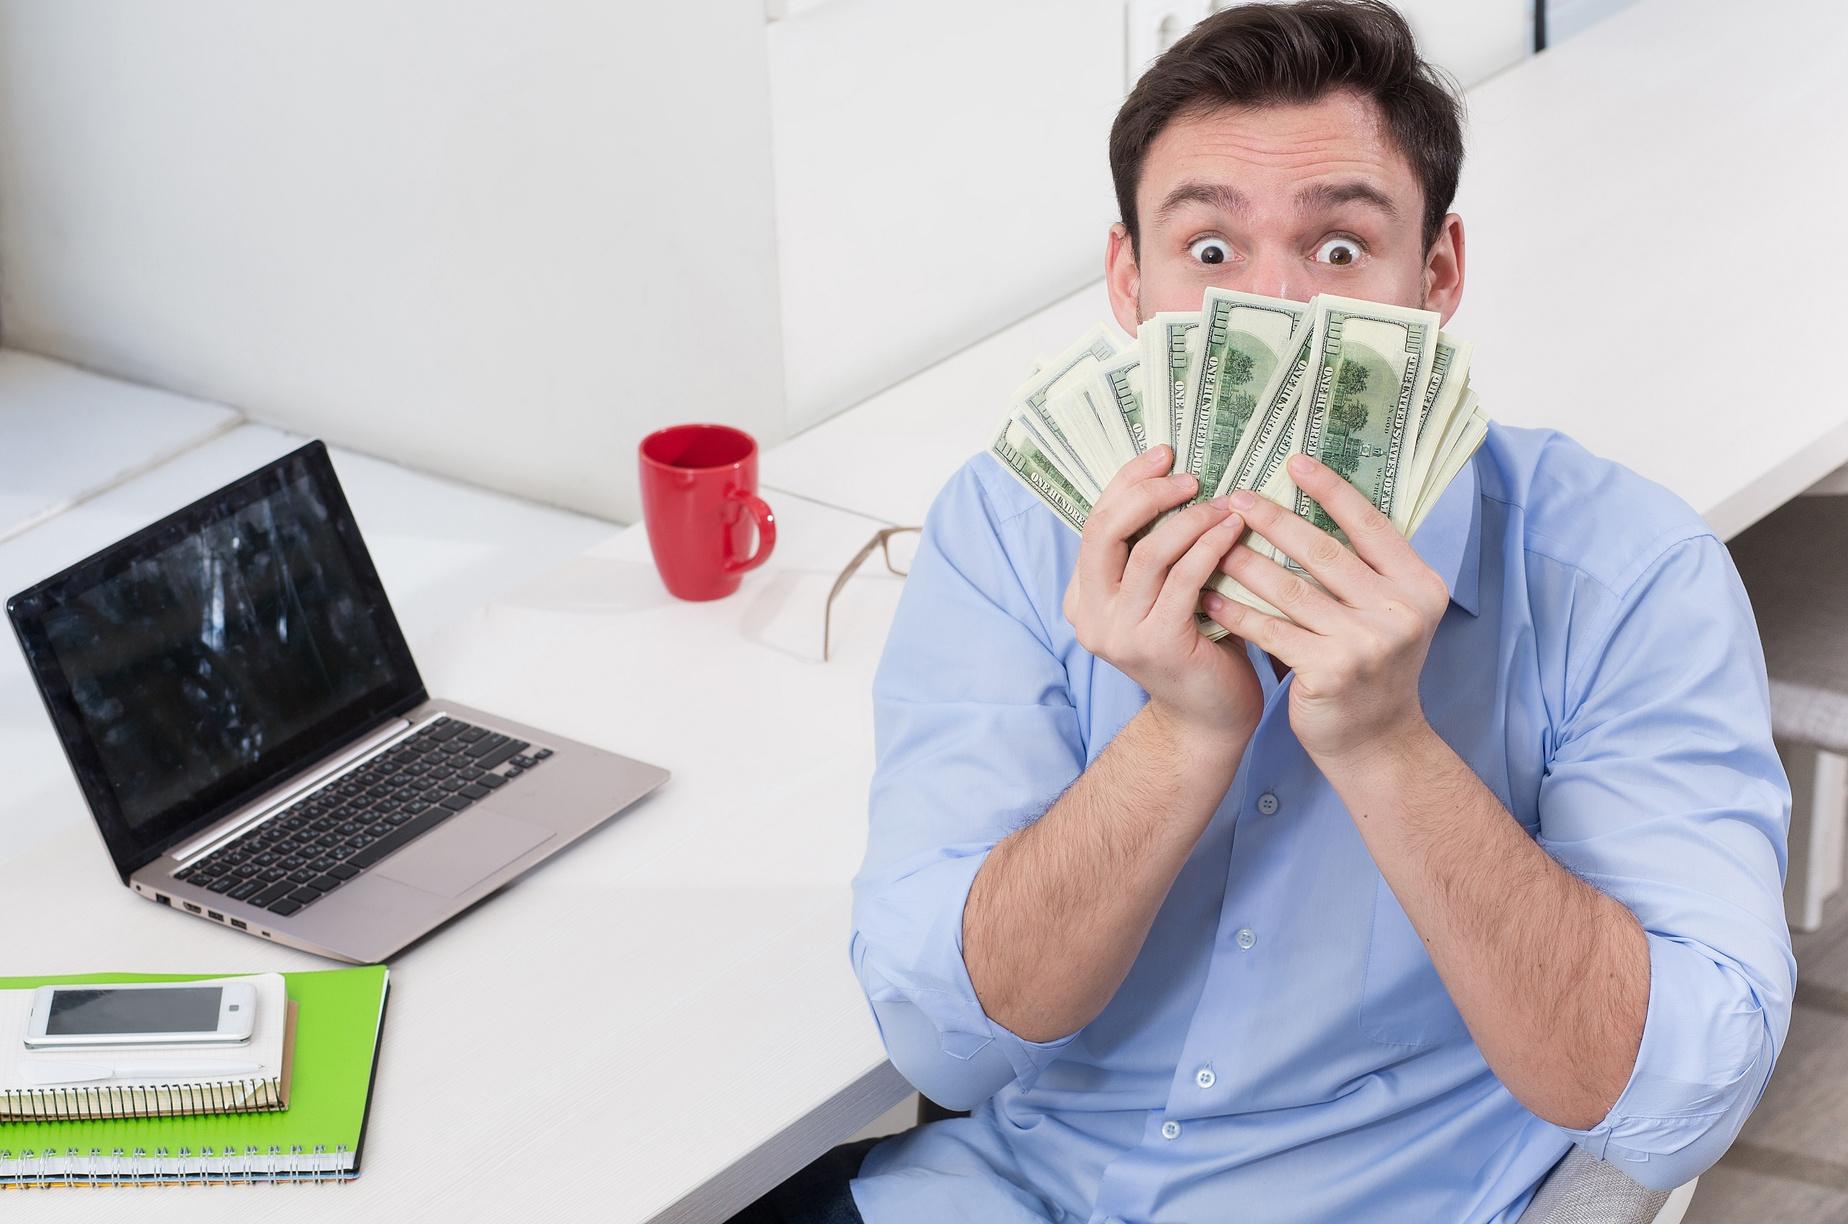 طرق كسب المال من الانترنت